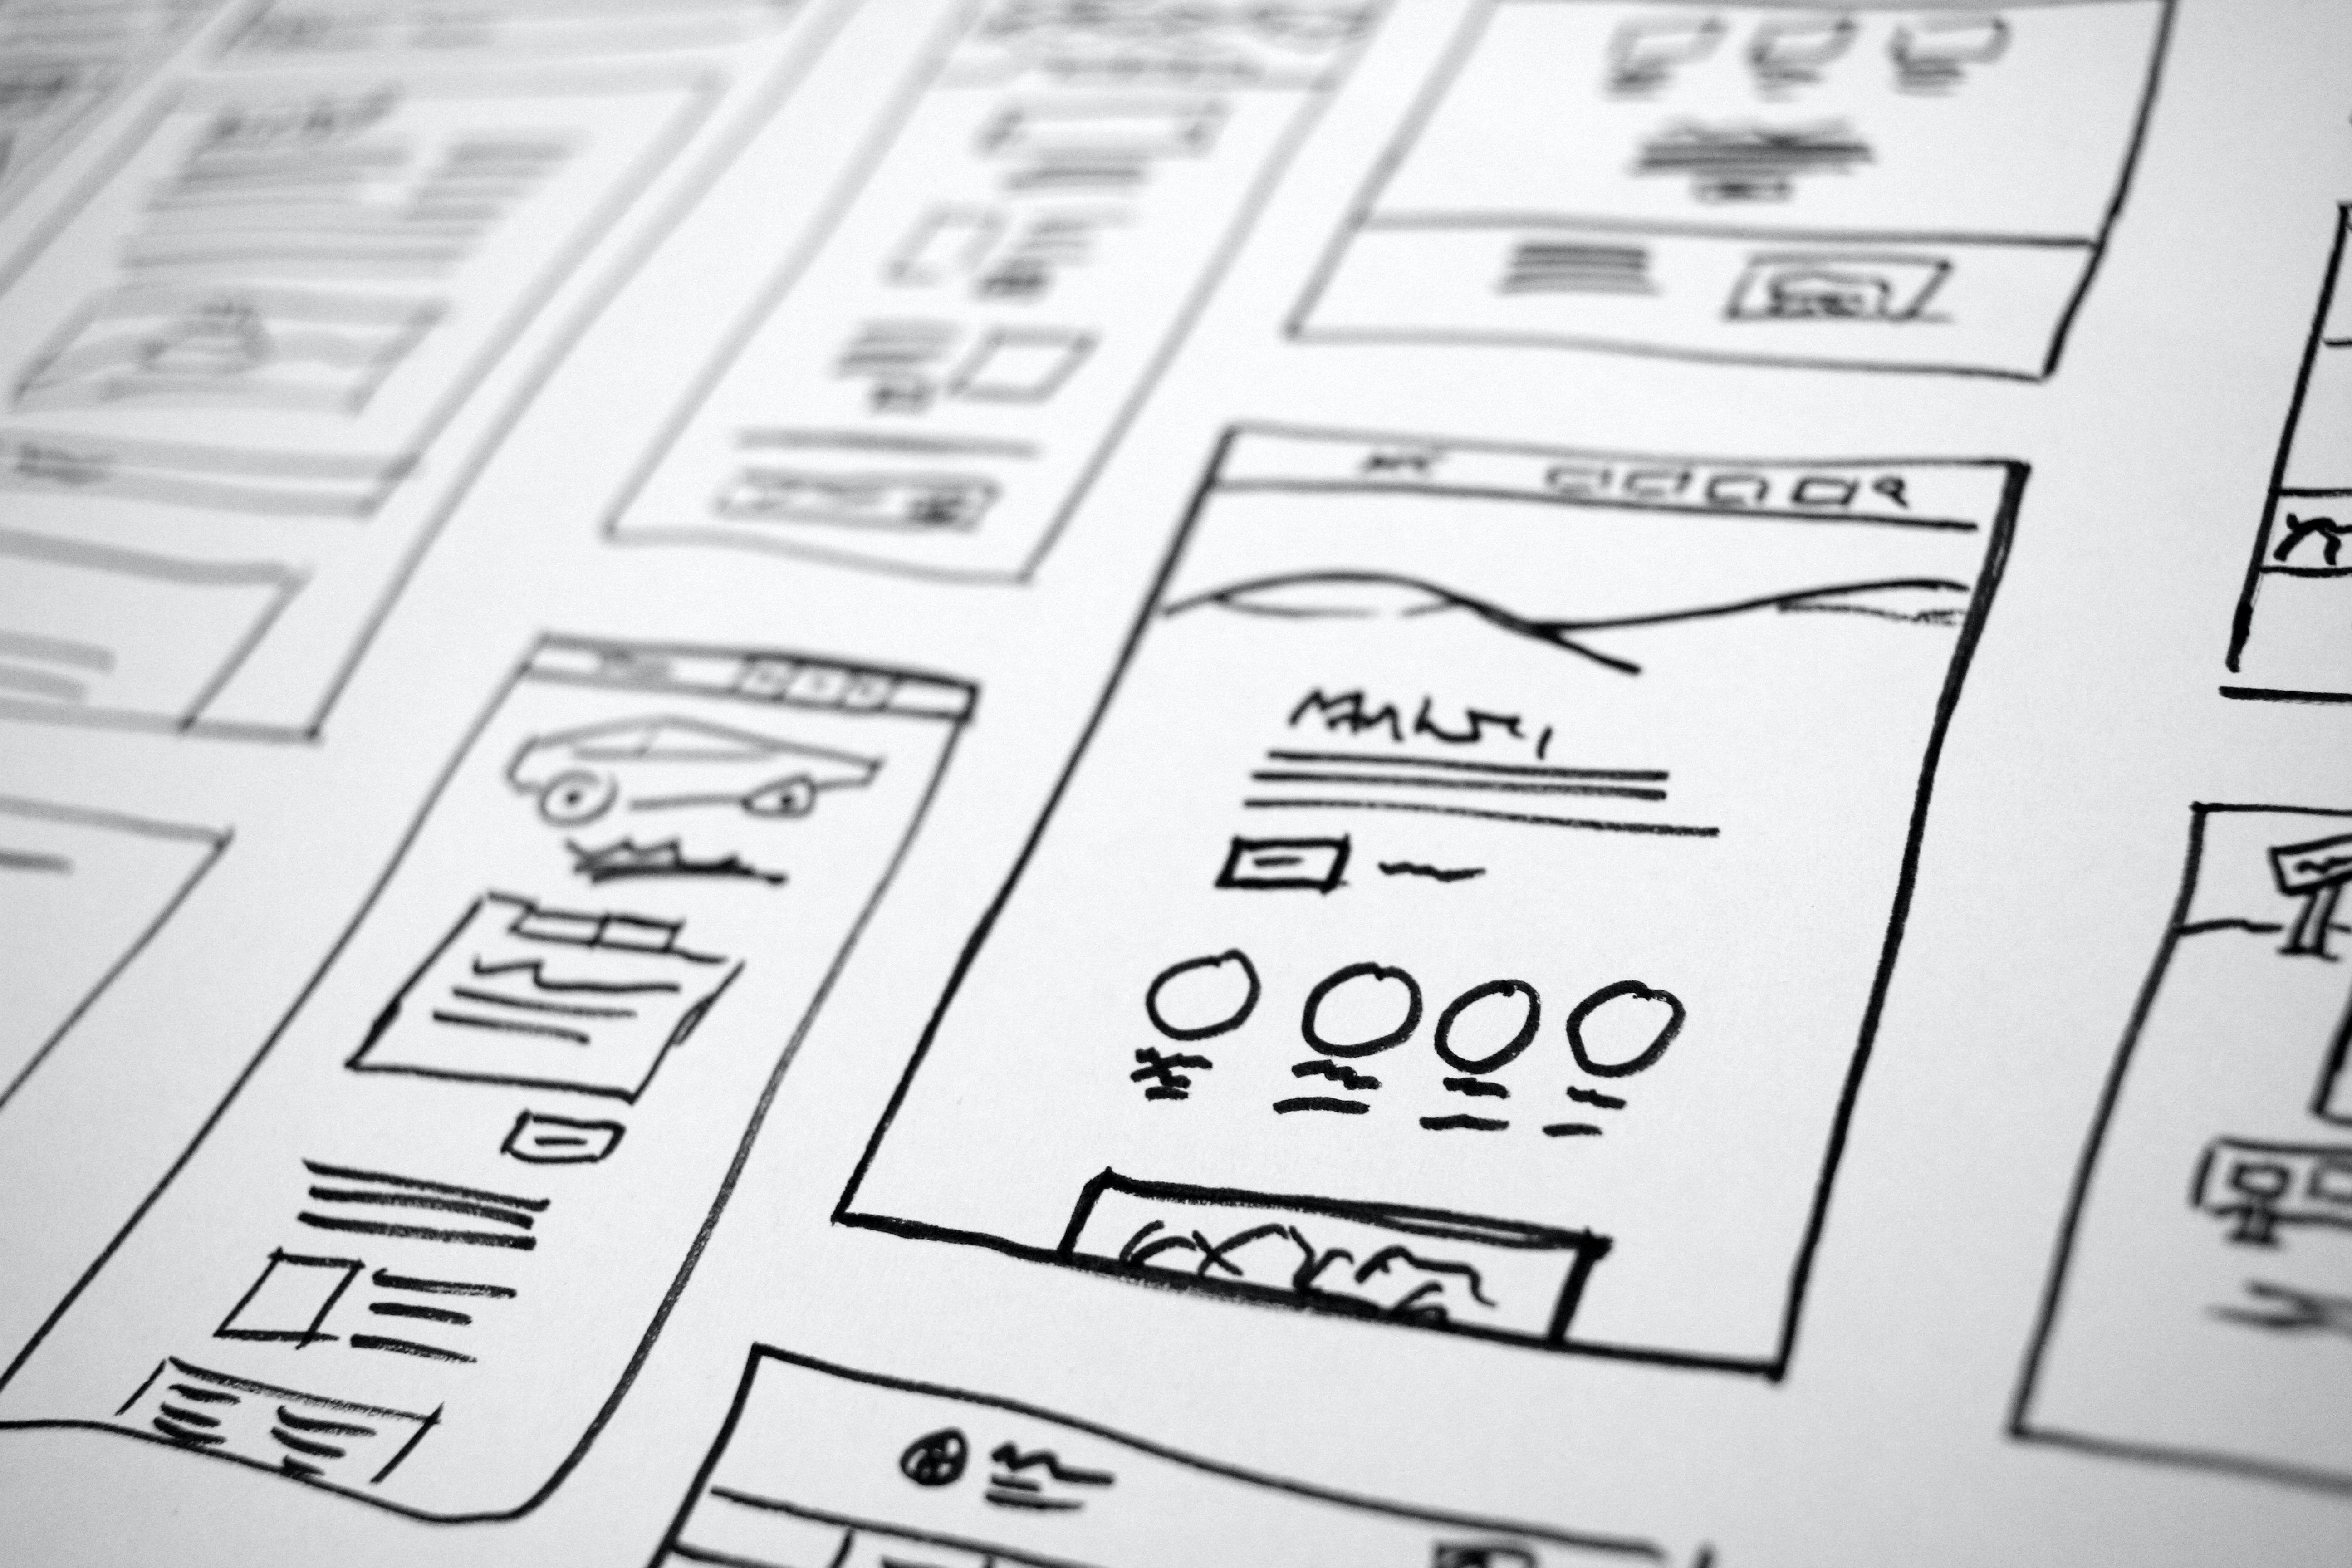 organizational chart drawing